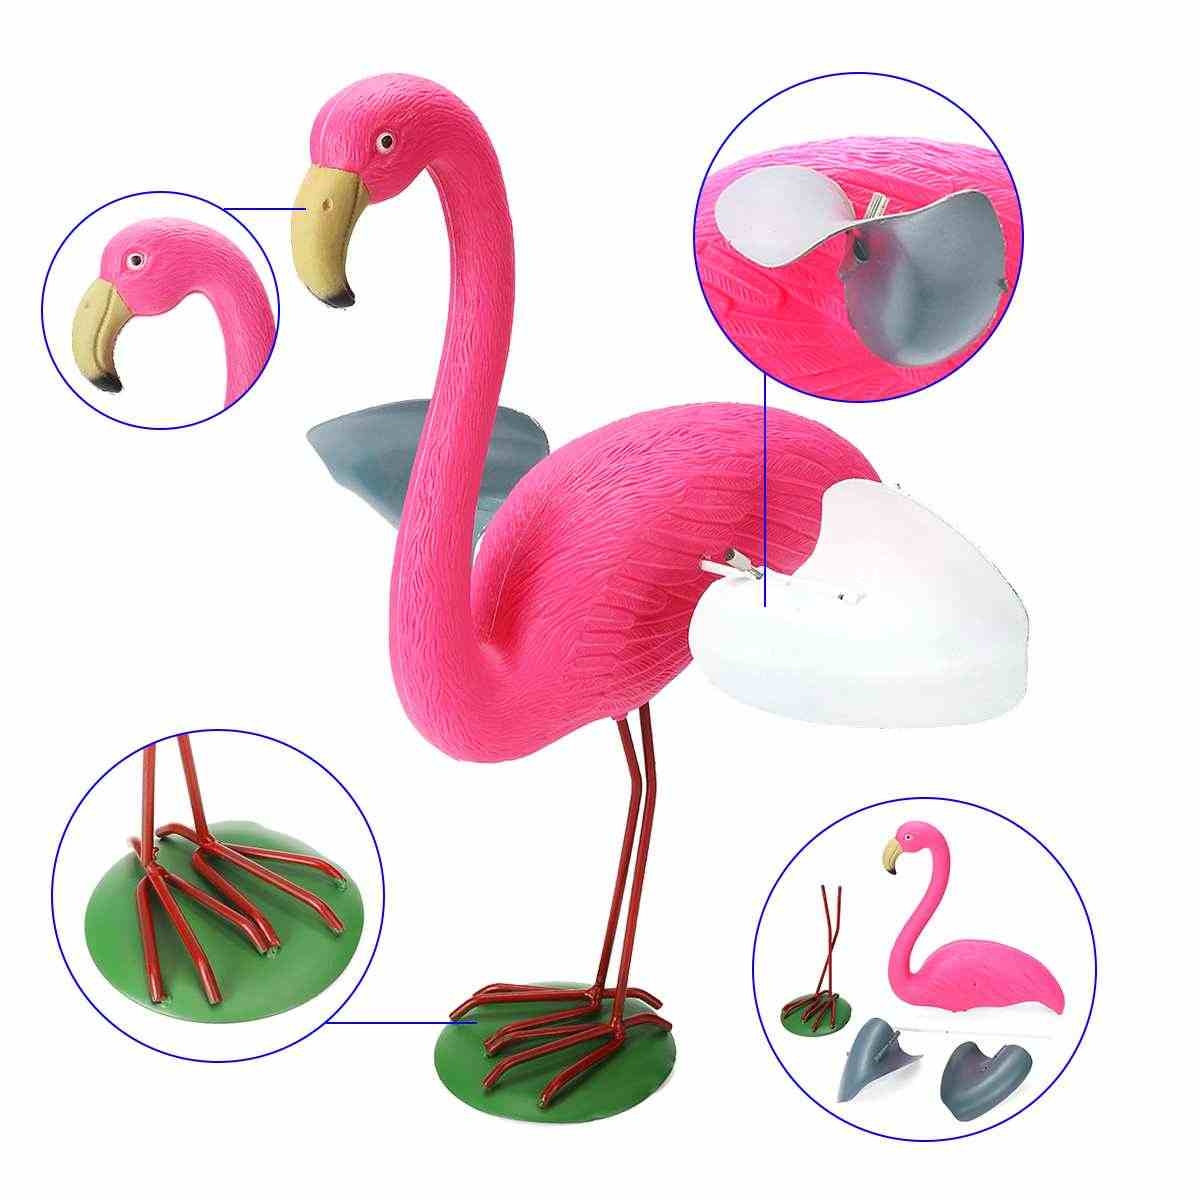 Żywica + Metal na świeżym powietrzu Pink Flamingo z skrzydła Flamingo ogród ozdoba zestaw światła realistyczne dekoracji jak stoczni kolekcje/prezenty